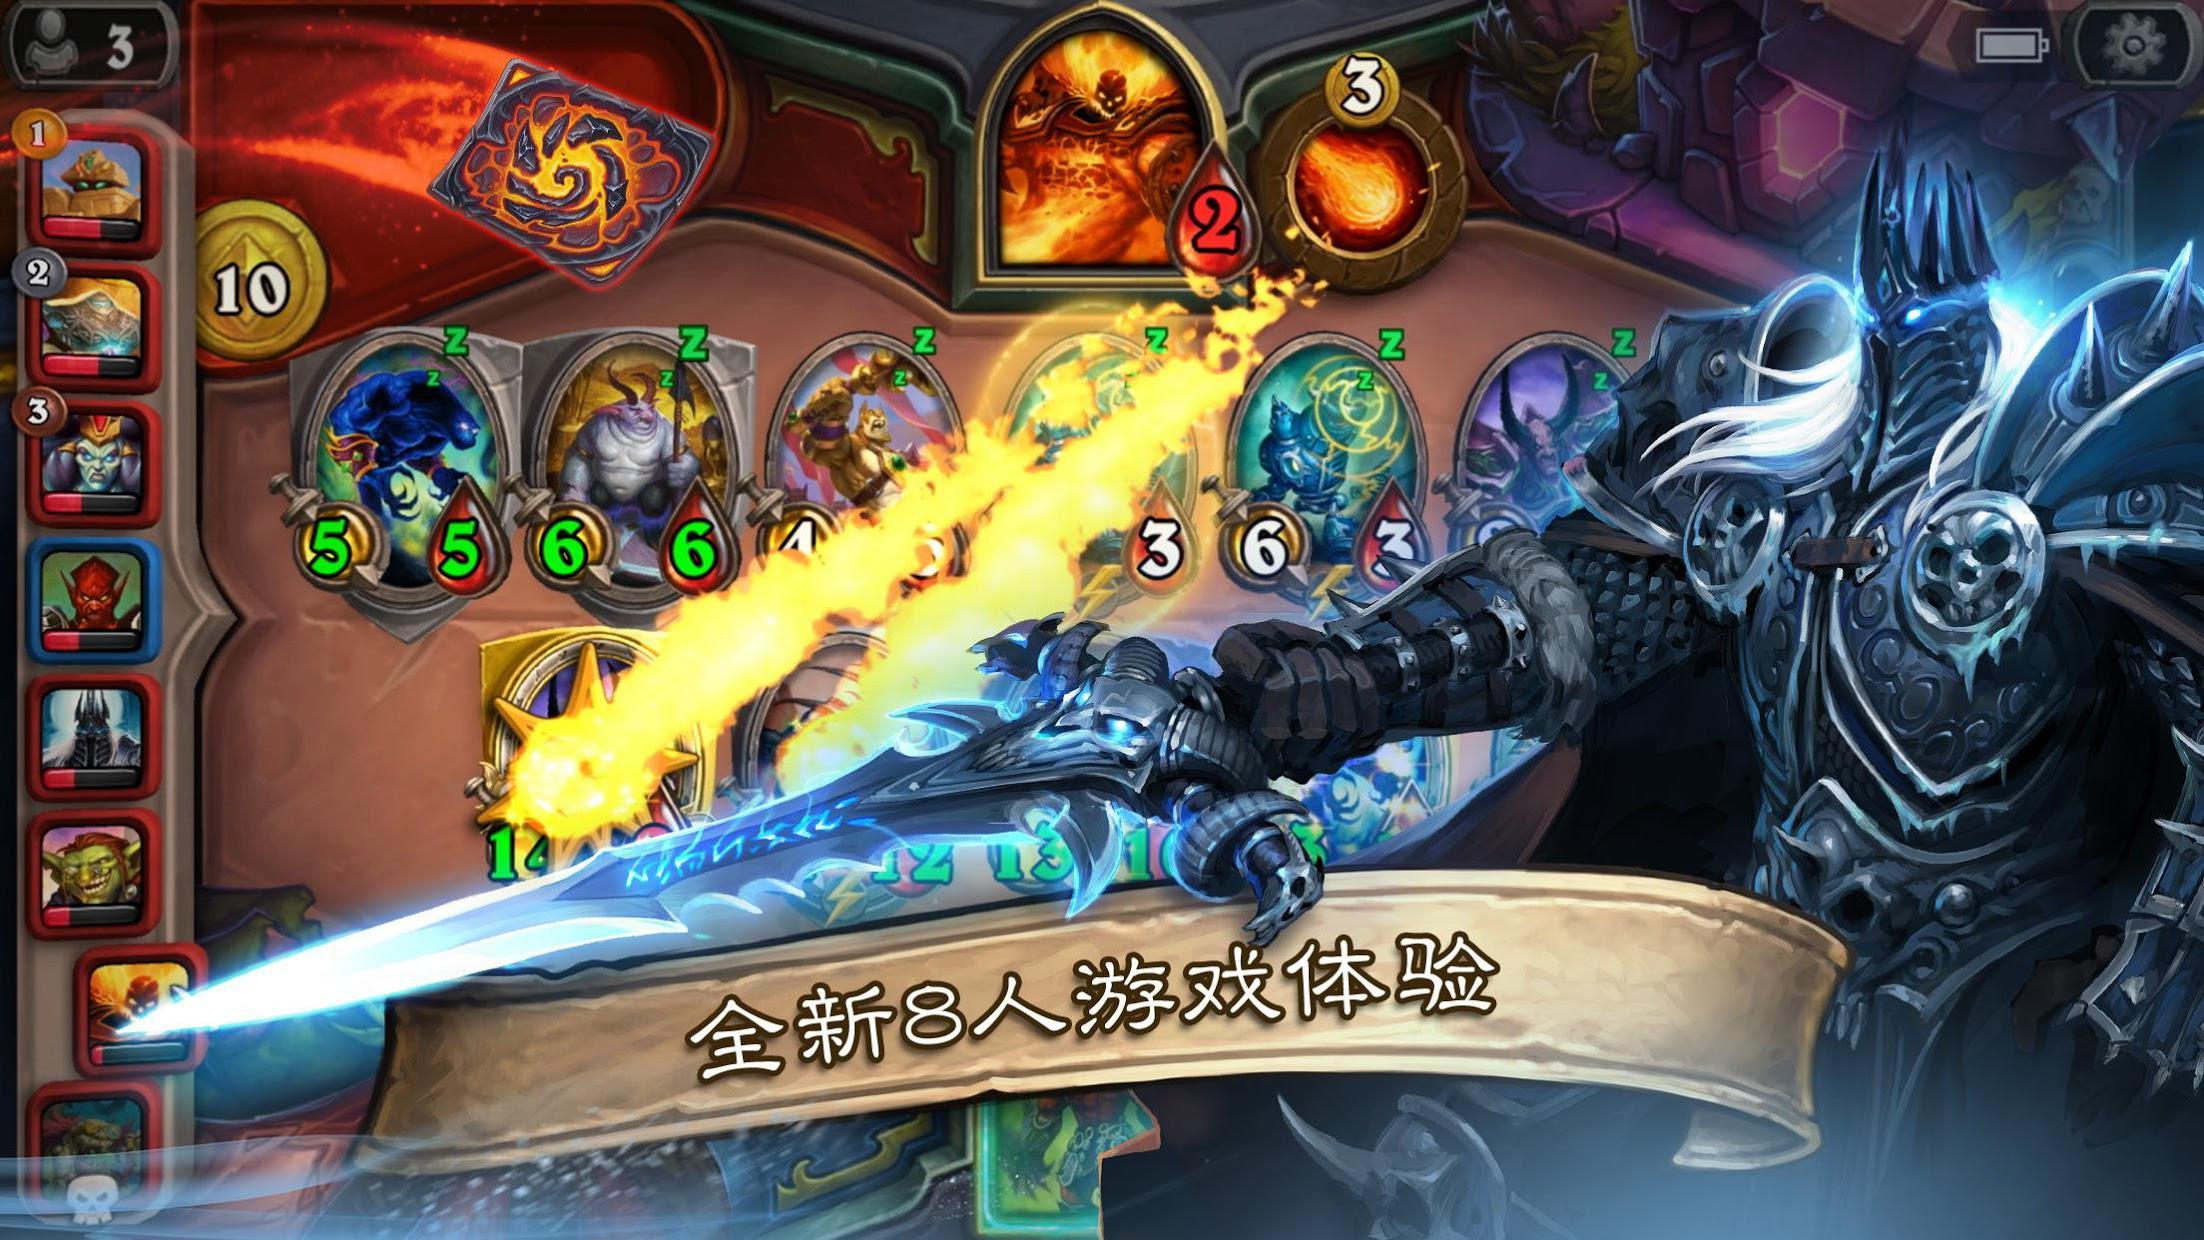 炉石传说 游戏截图2